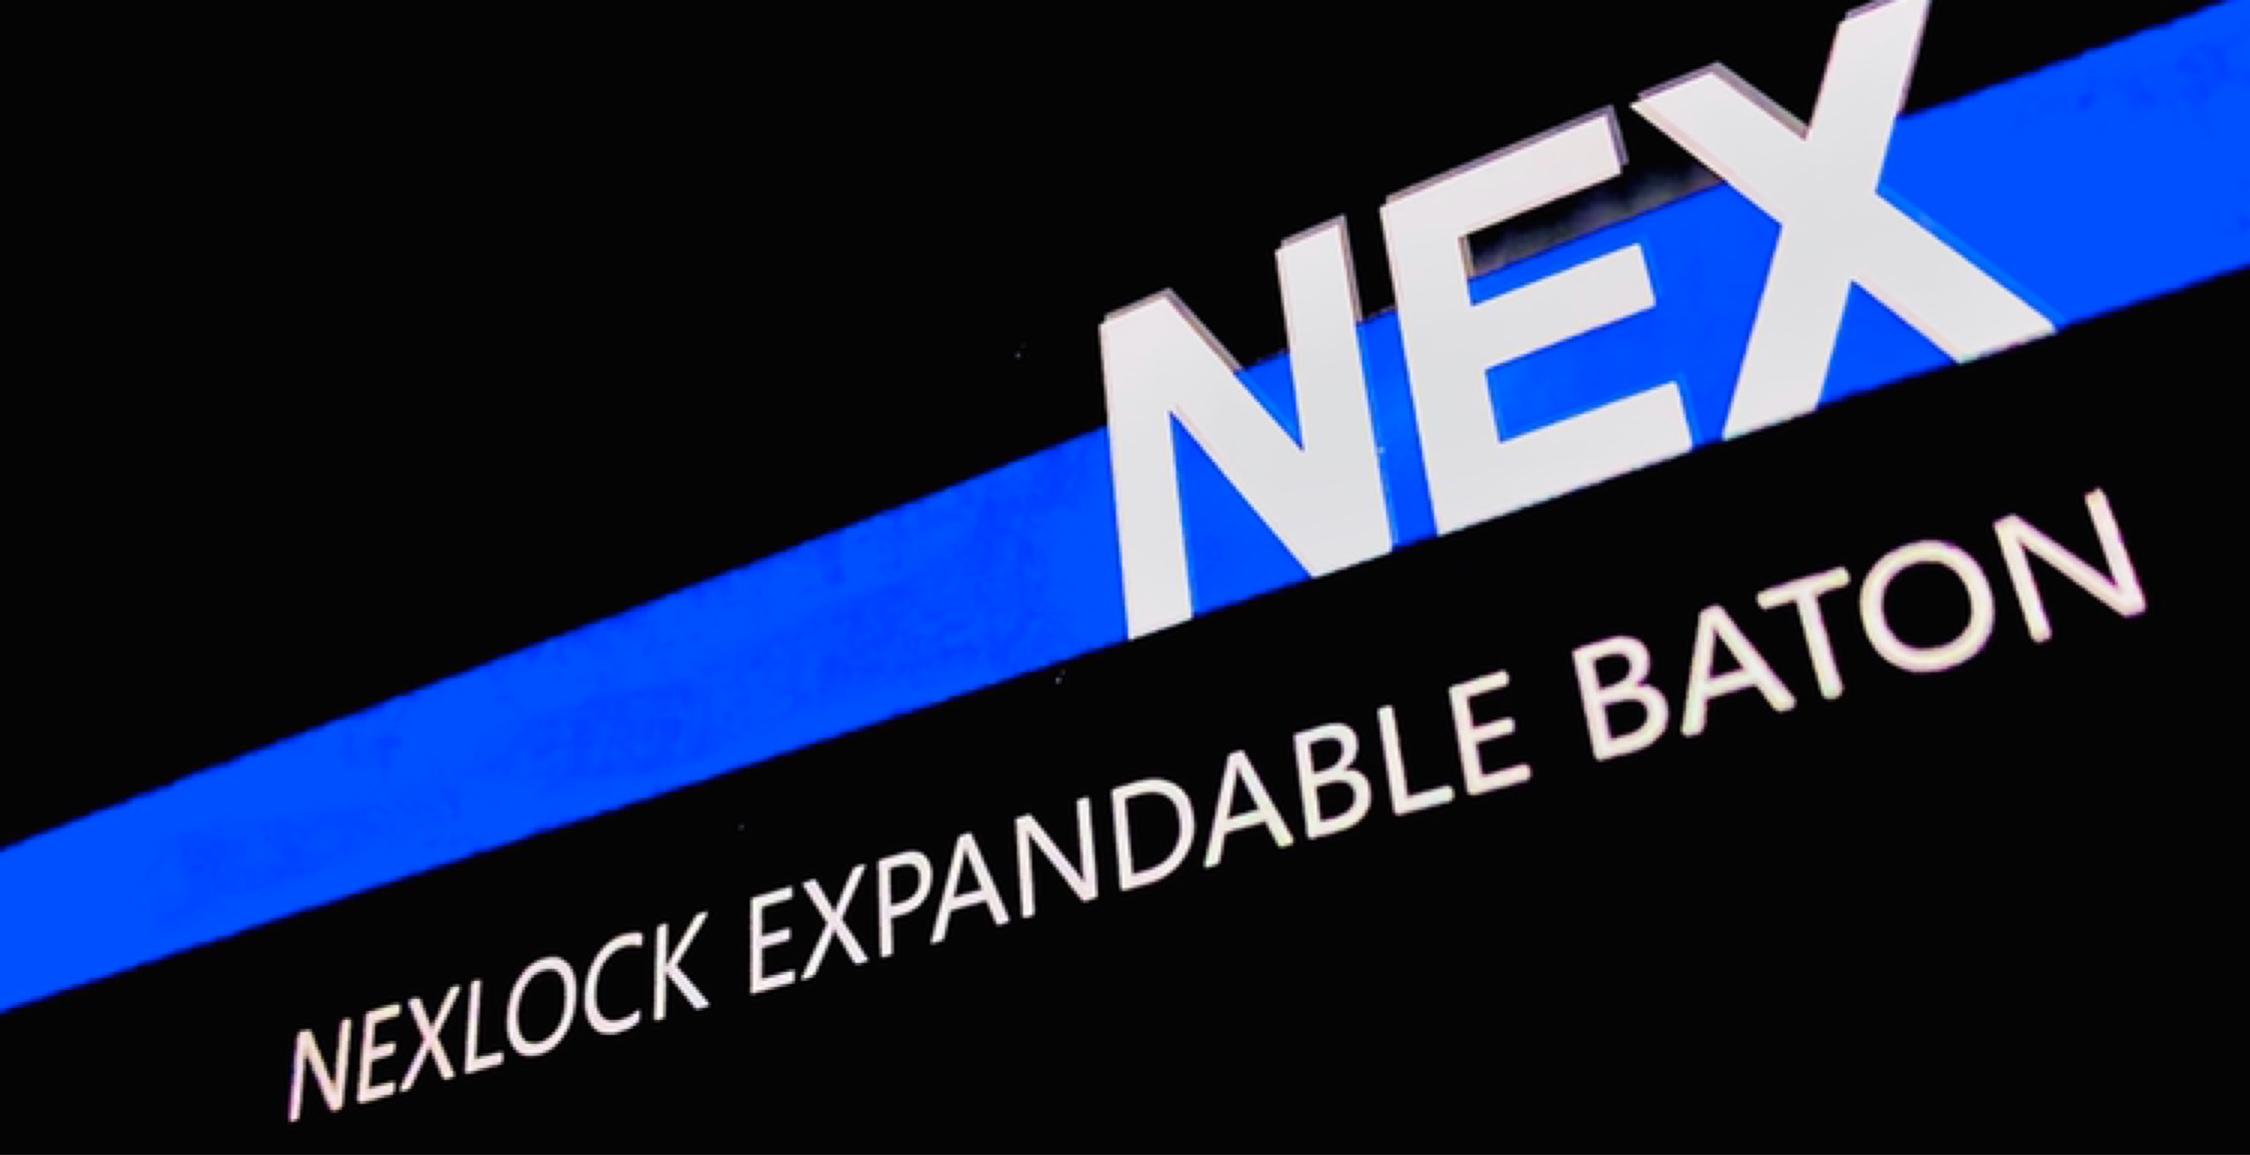 一条细细的蓝线——NEX 21″Quicker baton 21寸纳拓轻版快客甩棍